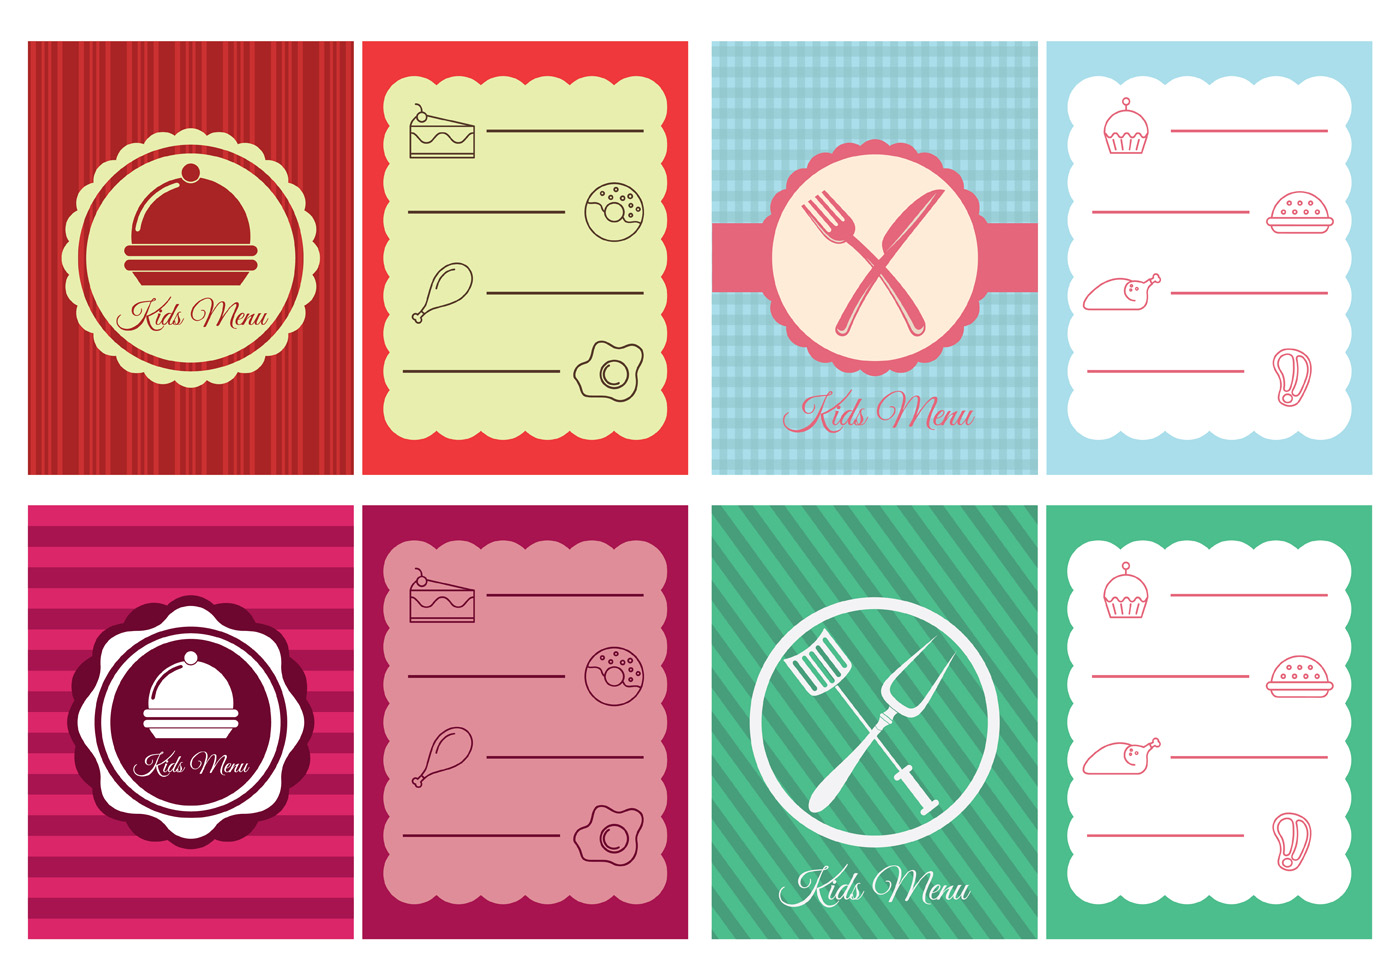 Diseño de Menú Niños - Descargue Gráficos y Vectores Gratis